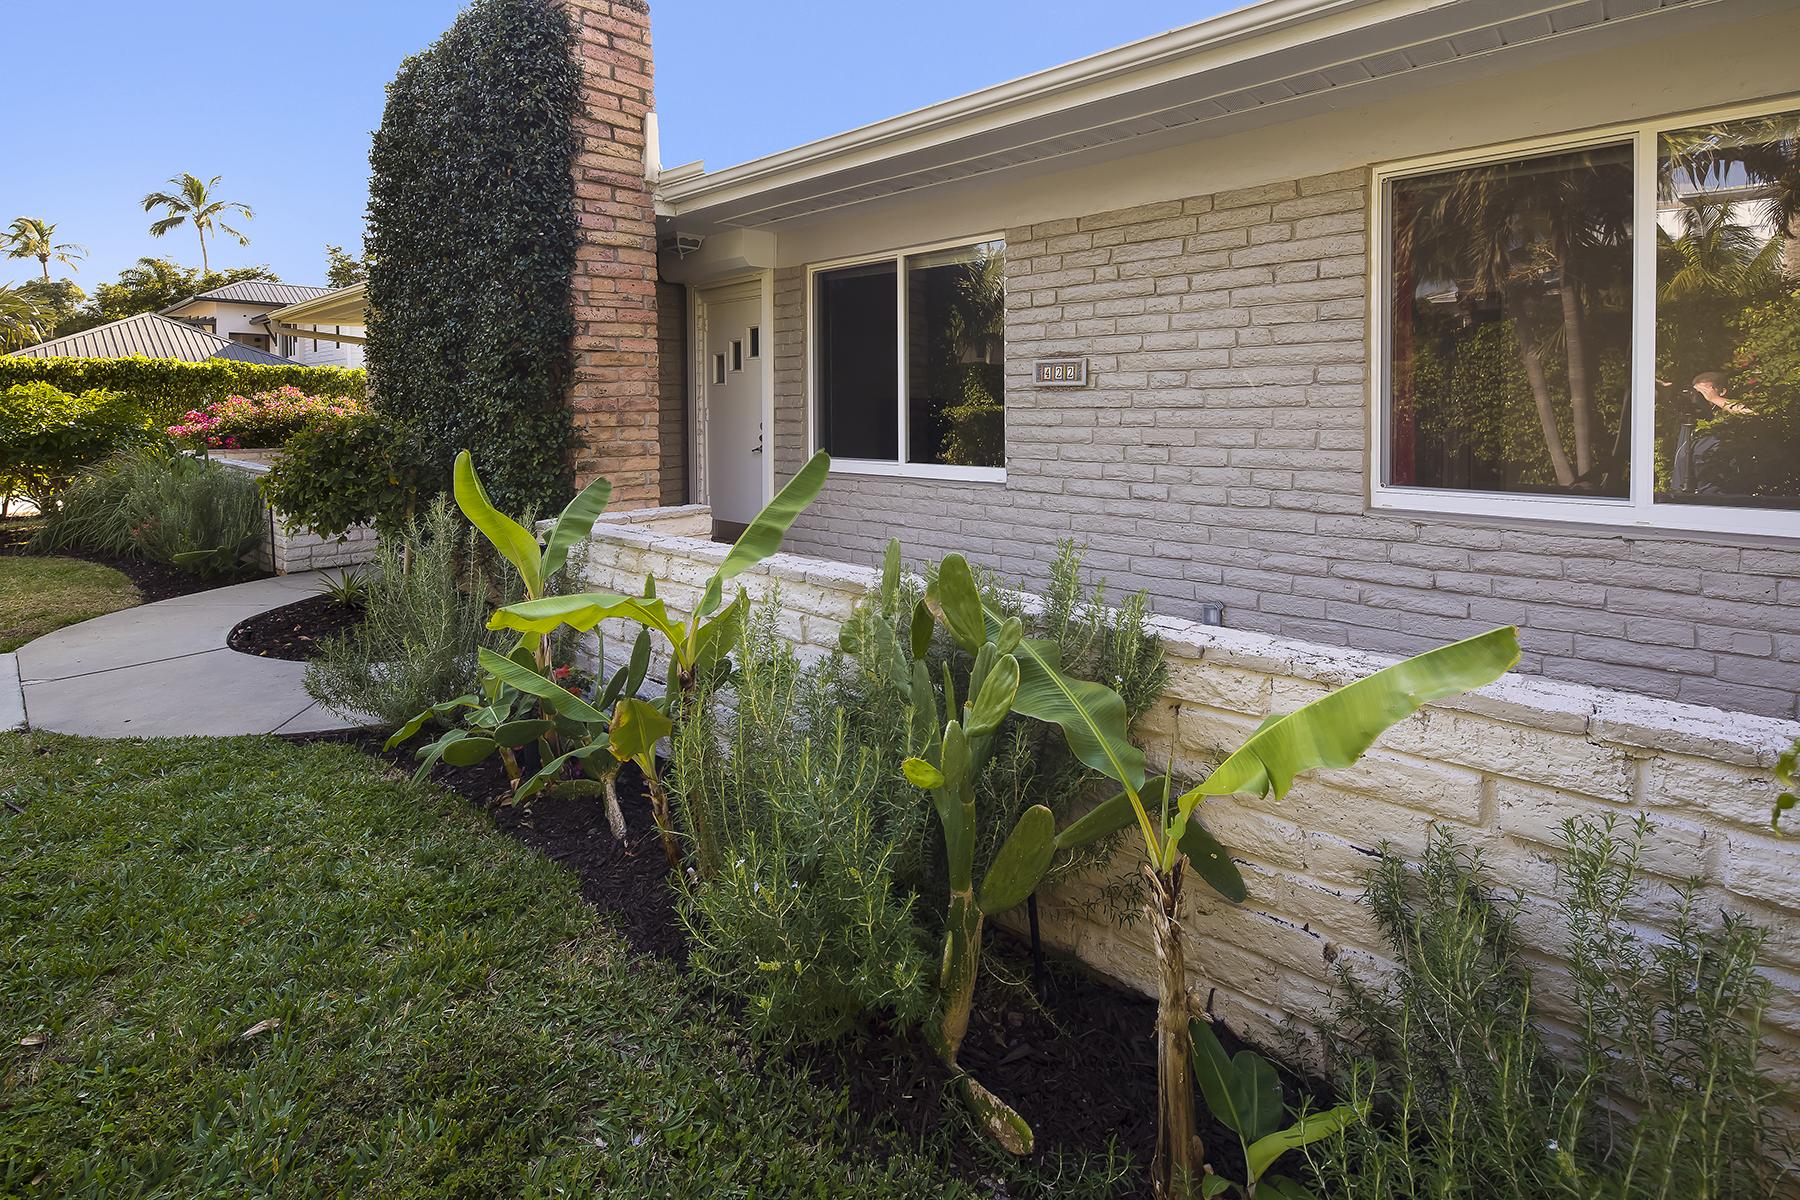 Частный односемейный дом для того Продажа на OLDE NAPLES 424 & 422 3rd St S, Old Naples, Naples, Флорида, 34102 Соединенные Штаты